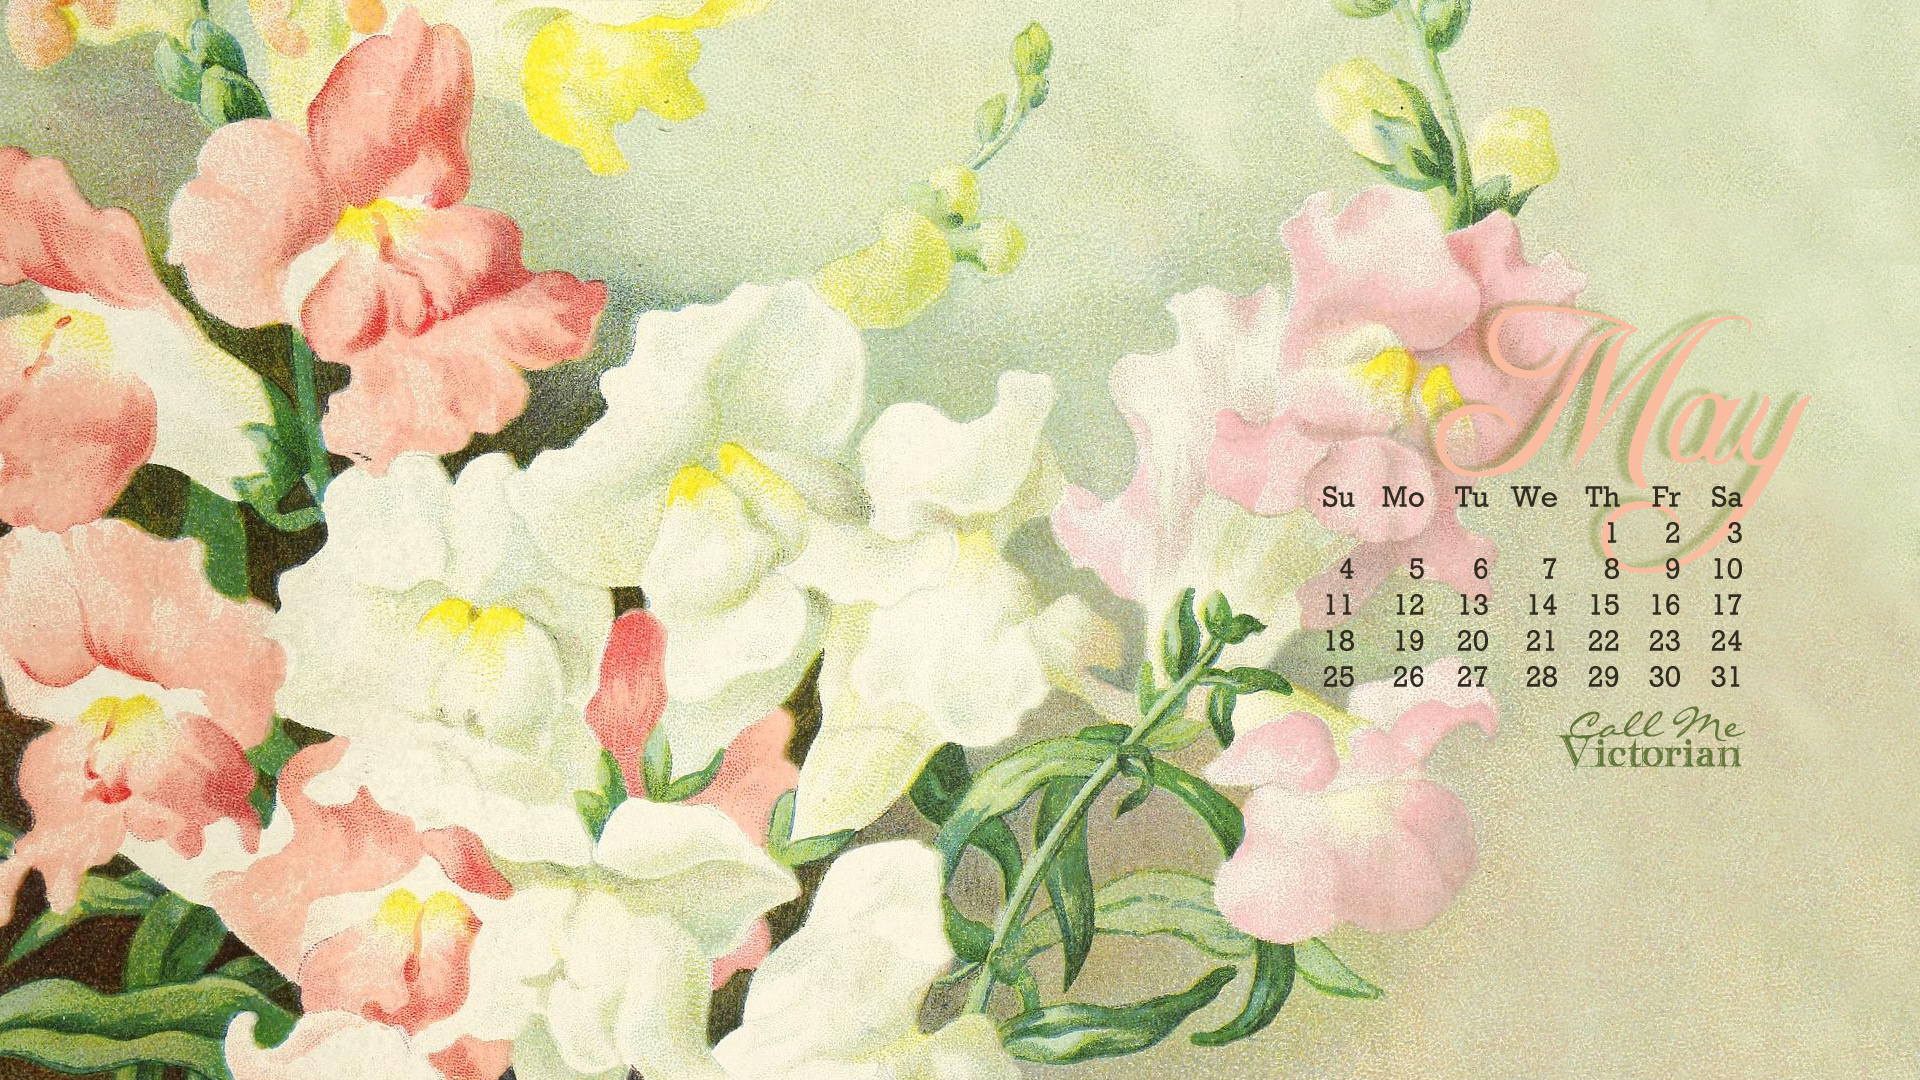 May 2014 Desktop Calendar Wallpaper Call Me Victorian 1920x1080